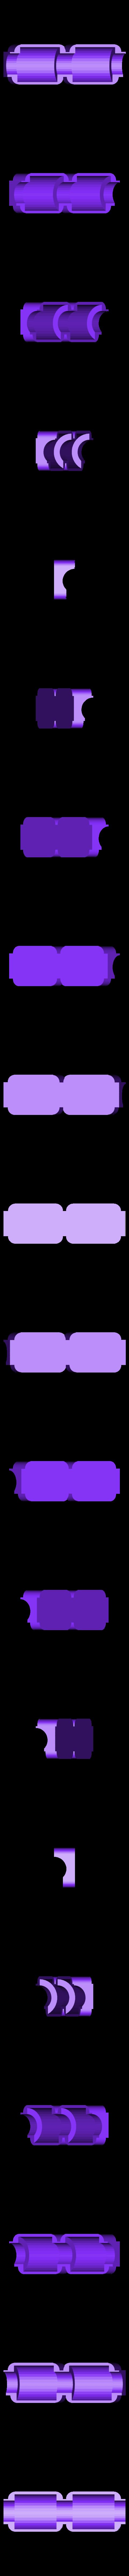 AluCarriage_Shim.stl Télécharger fichier STL gratuit Cale de roulement AluCarriage • Plan pour imprimante 3D, Gaenarra